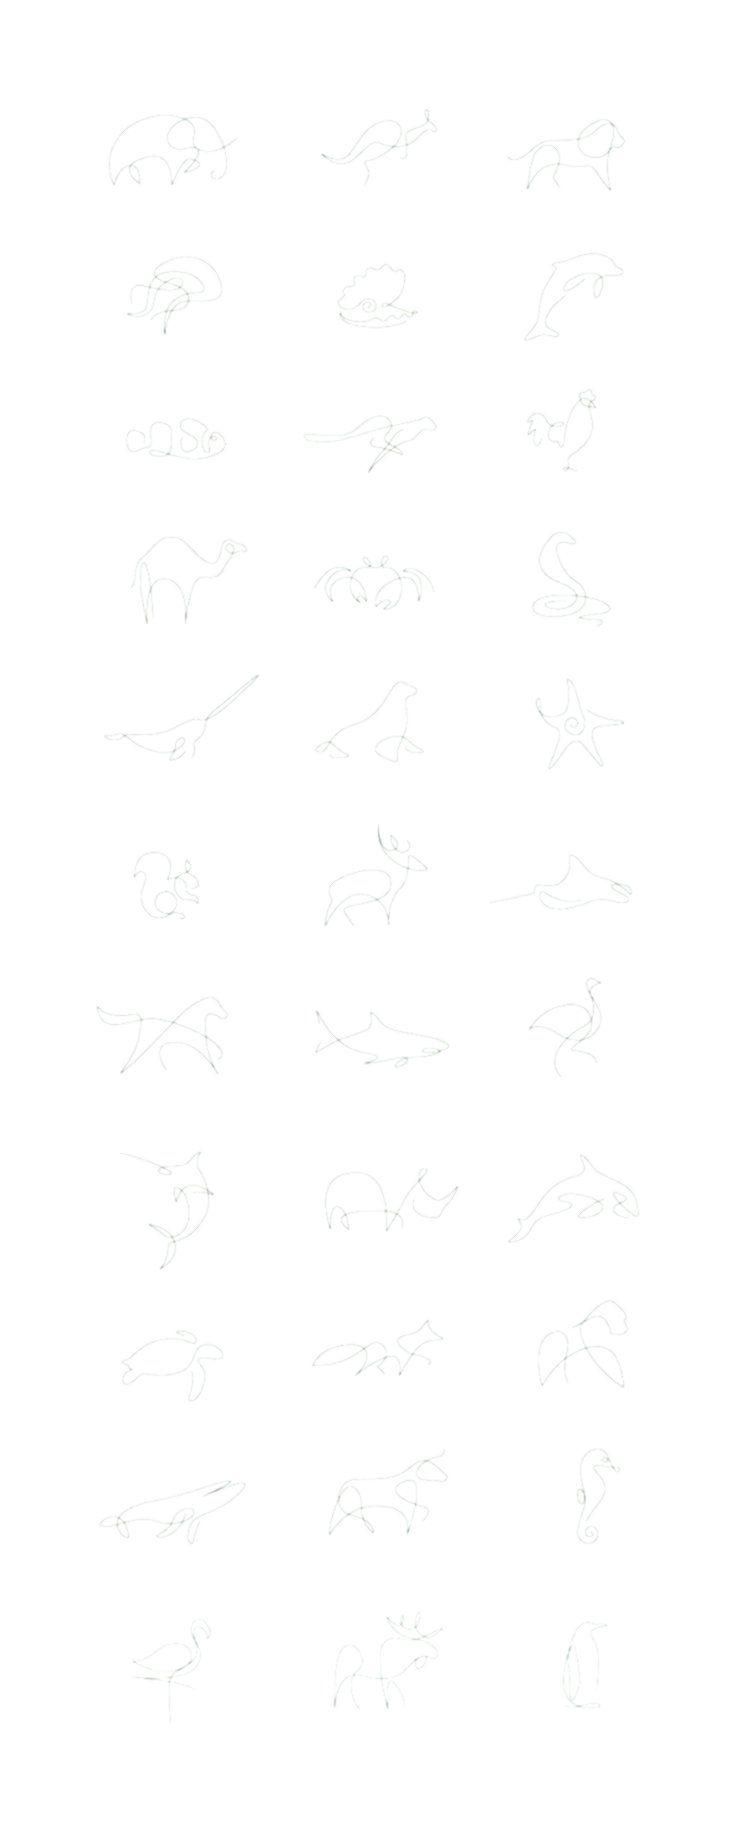 Tiny Tattoo-Idee von coolTop – Minimalistische Tiere von einem französischen Künstlerduo   … - Amy - #Amy #coolTop #einem #französischen #Künstlerduo #minimalistische #TattooIdee #Tiere #Tiny #von